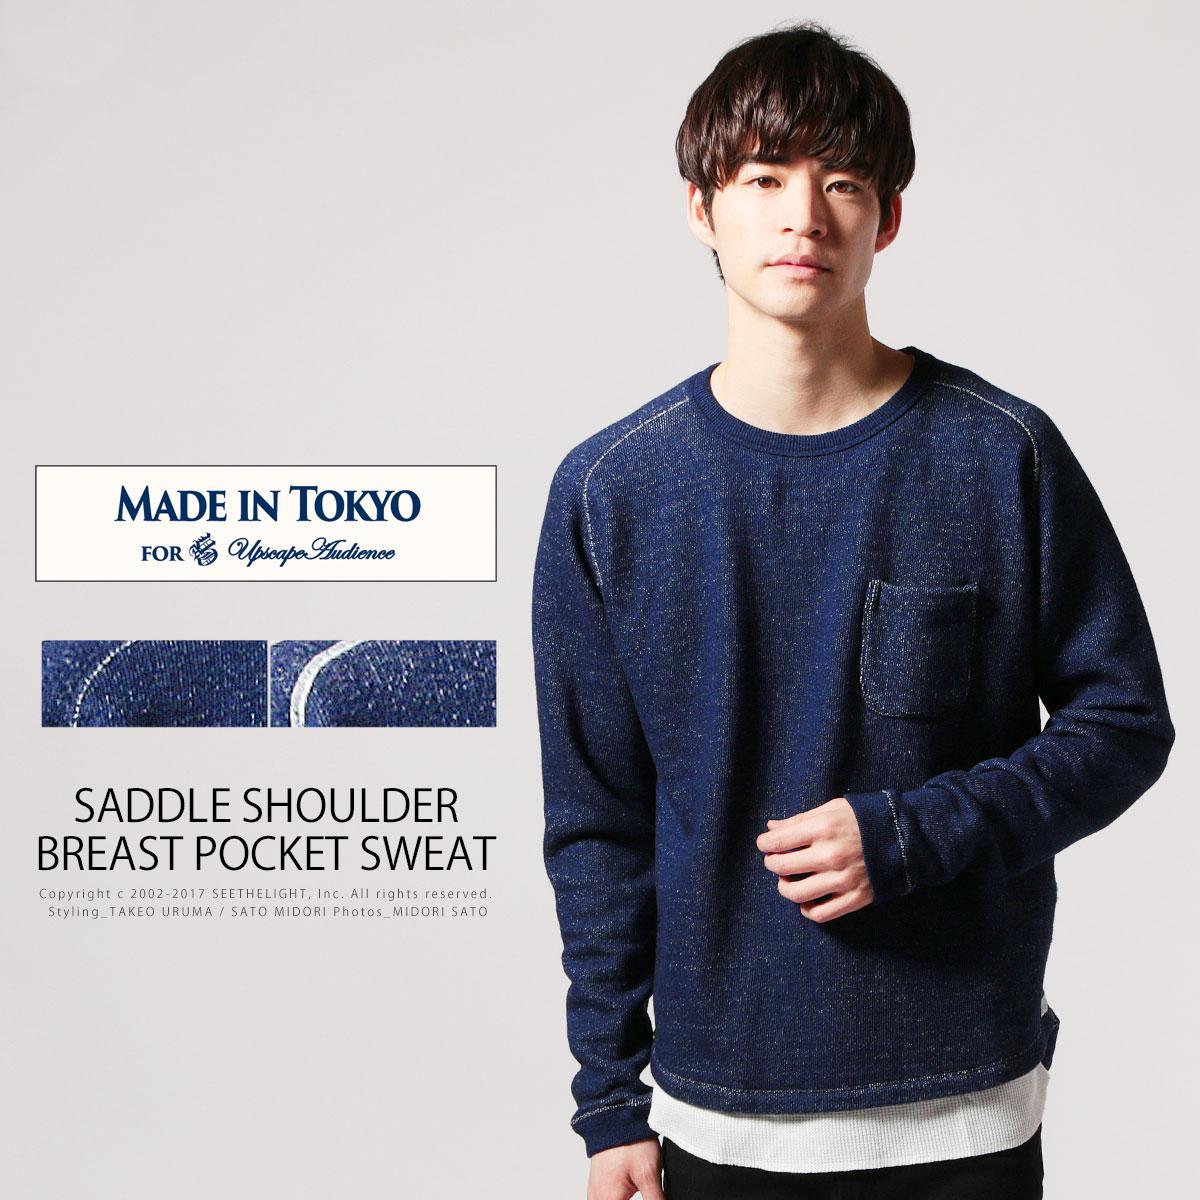 メンズ スウェット メンズファッション 本藍染 裏毛 サドルショルダー 胸ポケ付 ヘムラウンド LS スウェット MADE IN TOKYO メイド・イン・トーキョー 日本製 AUD1969